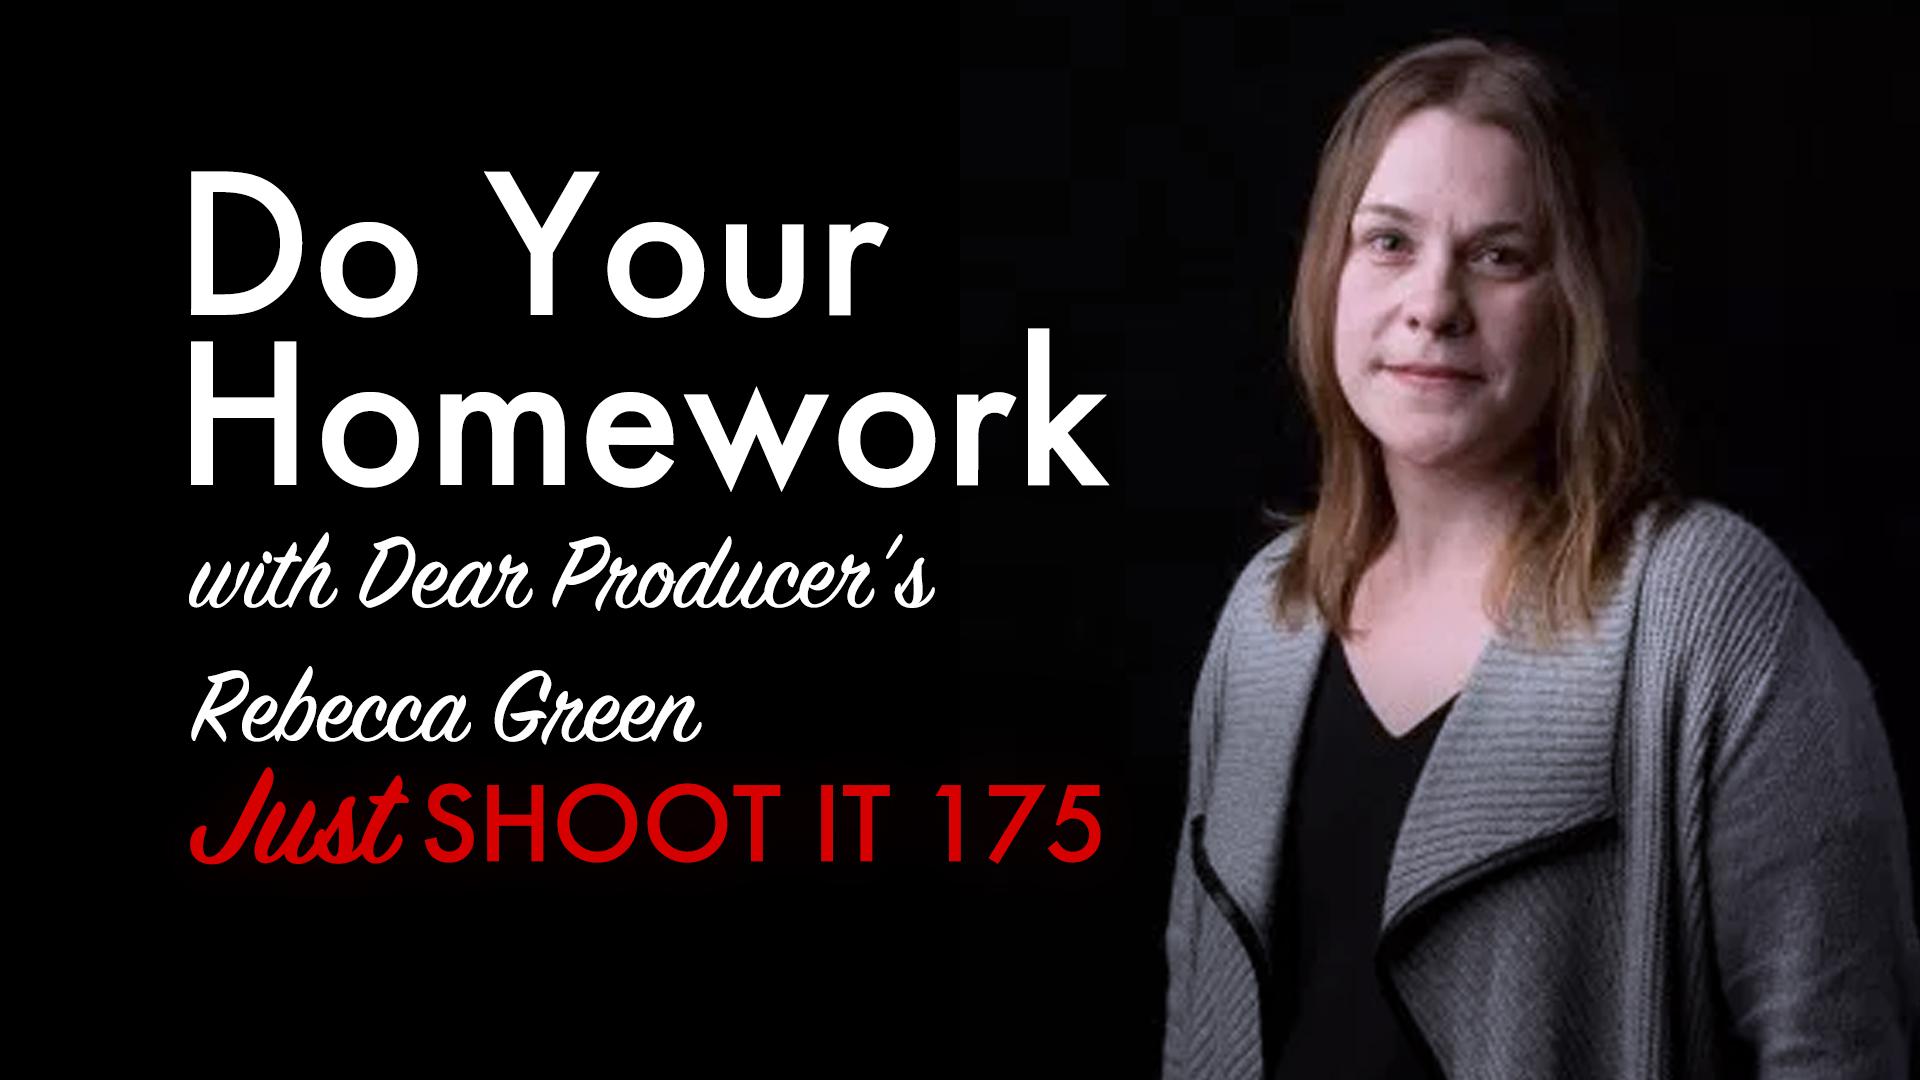 Do Your Homework with It Follows/Dear Producer Founder